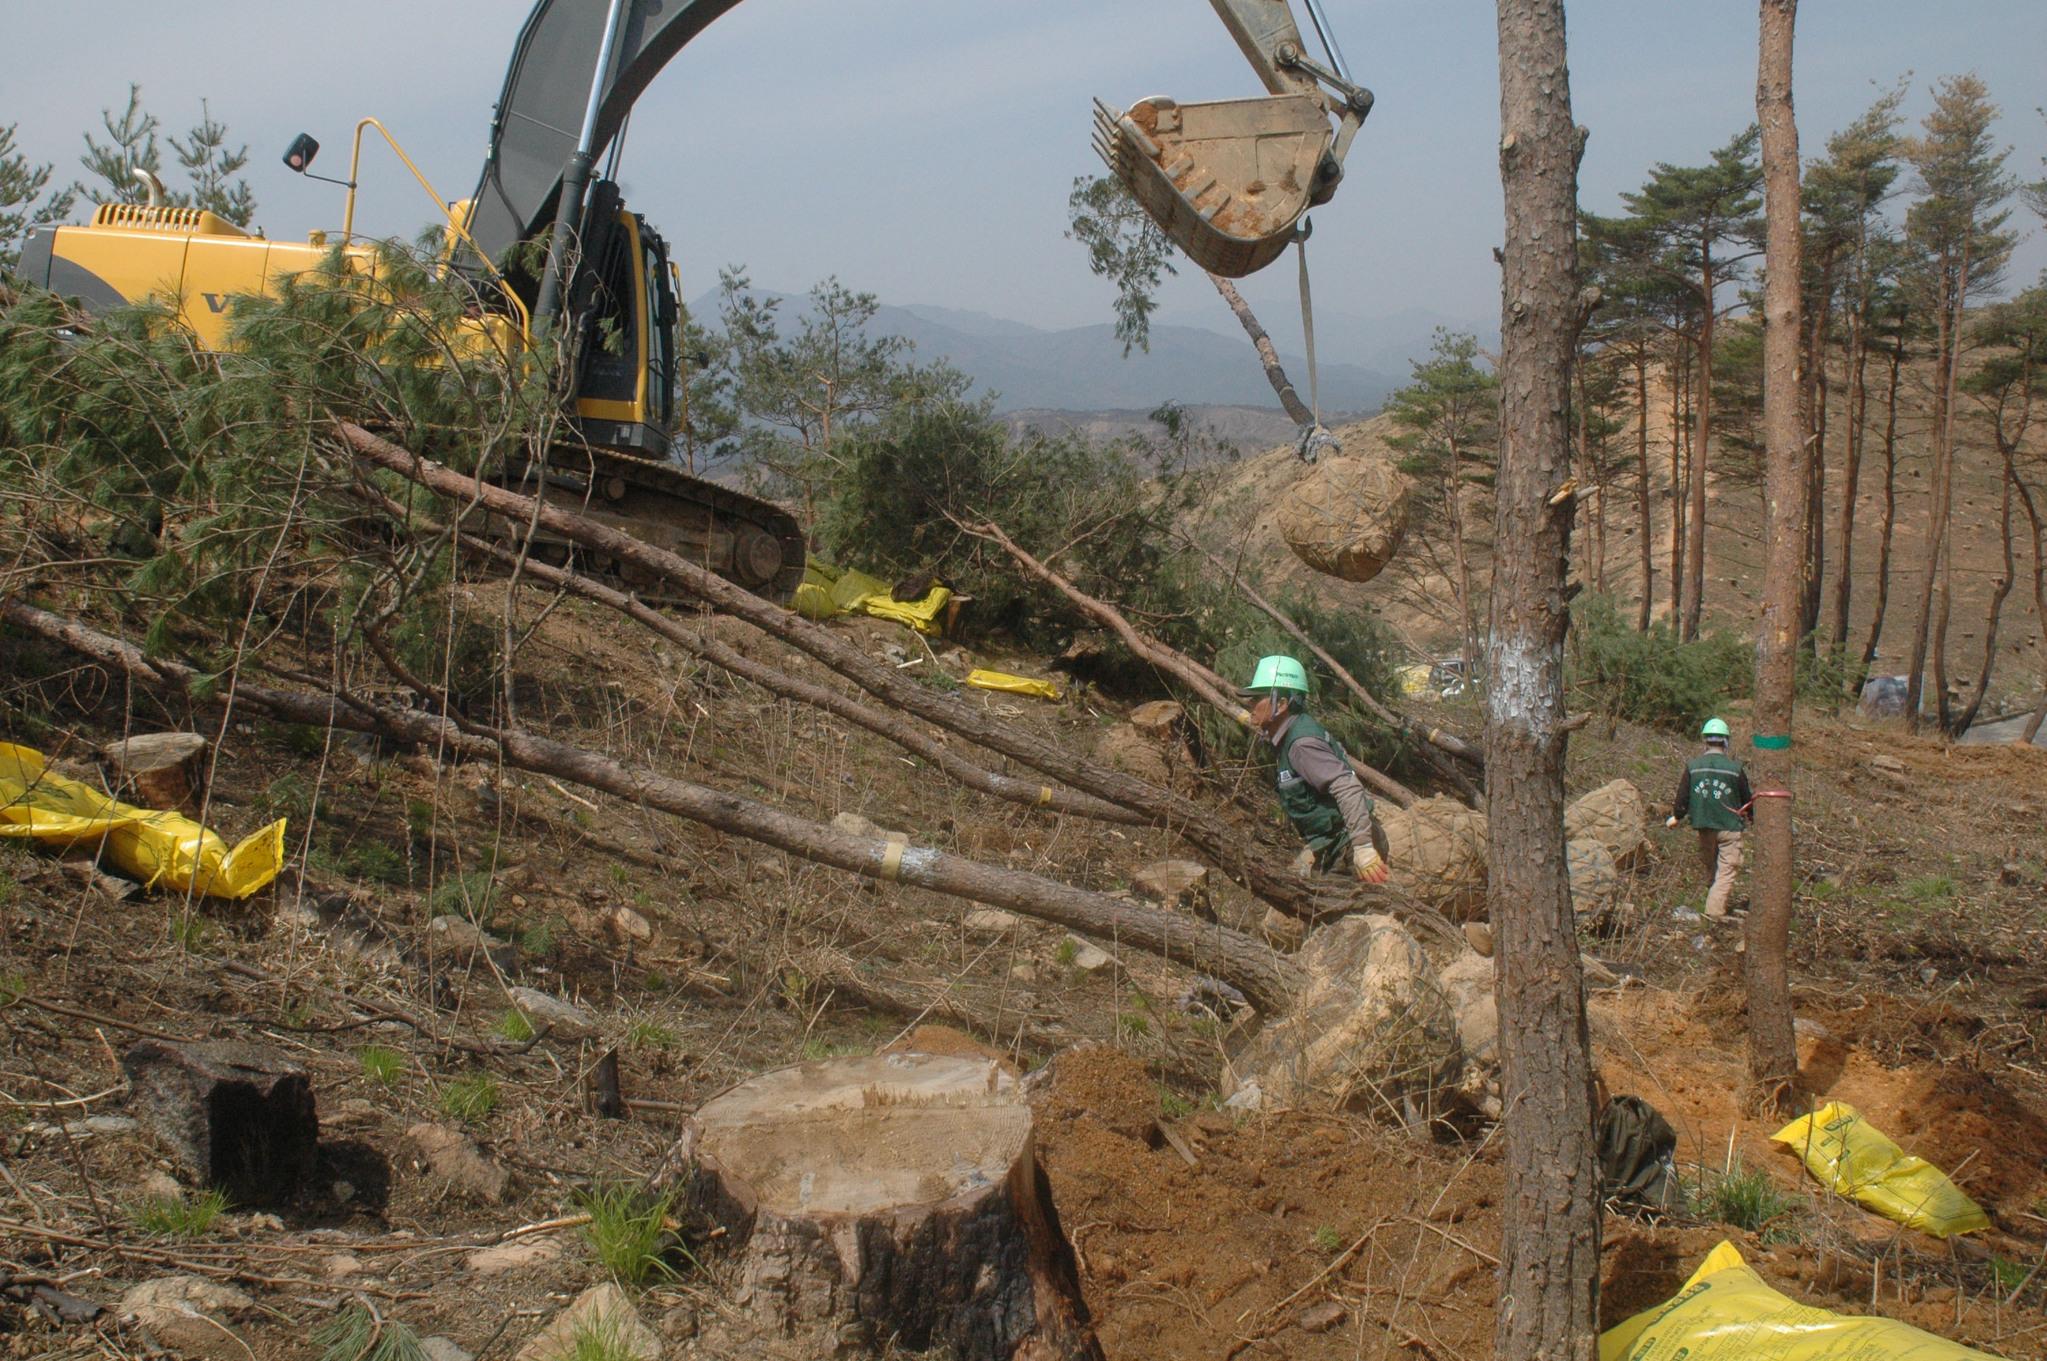 낙산사 주변 산불 피해 복구사업 현장. 동해고속도로 공사현장 등에서 가져온 수십년생 소나무를 조림했다. [중앙포토]